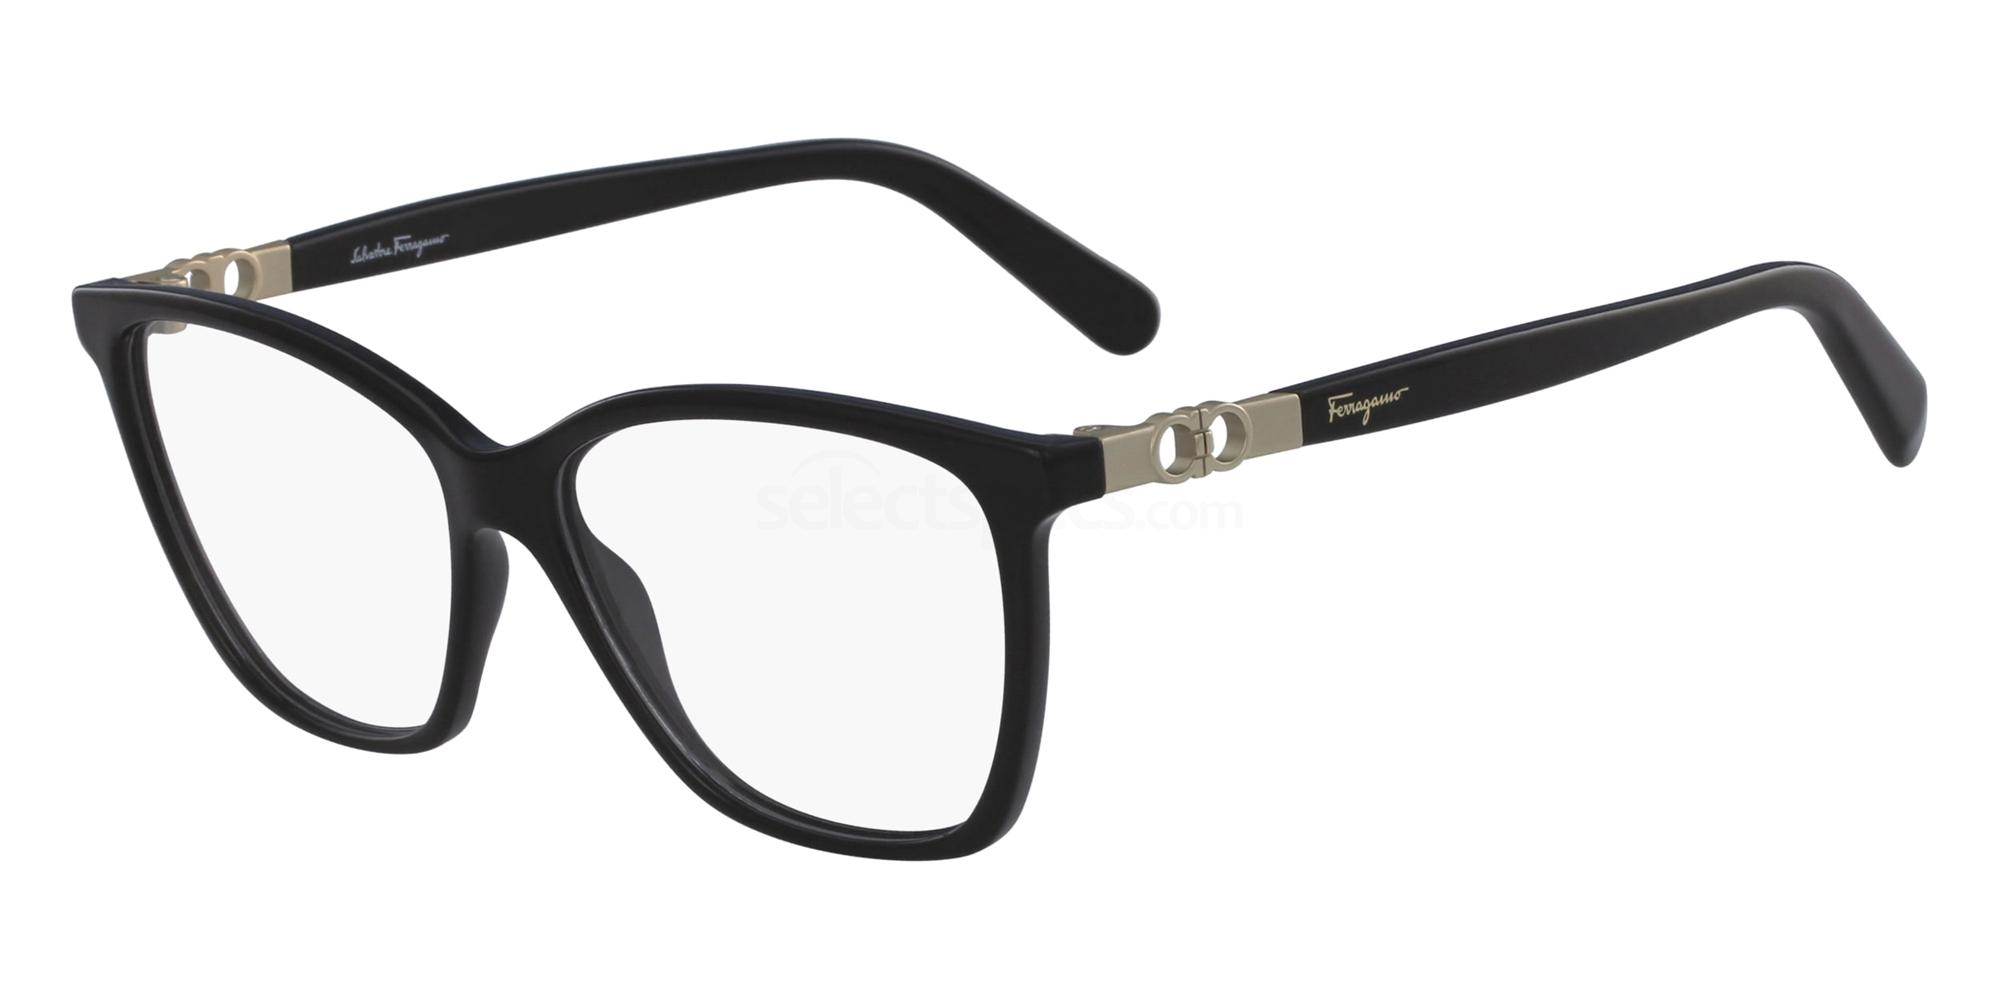 001 SF2814 Glasses, Salvatore Ferragamo